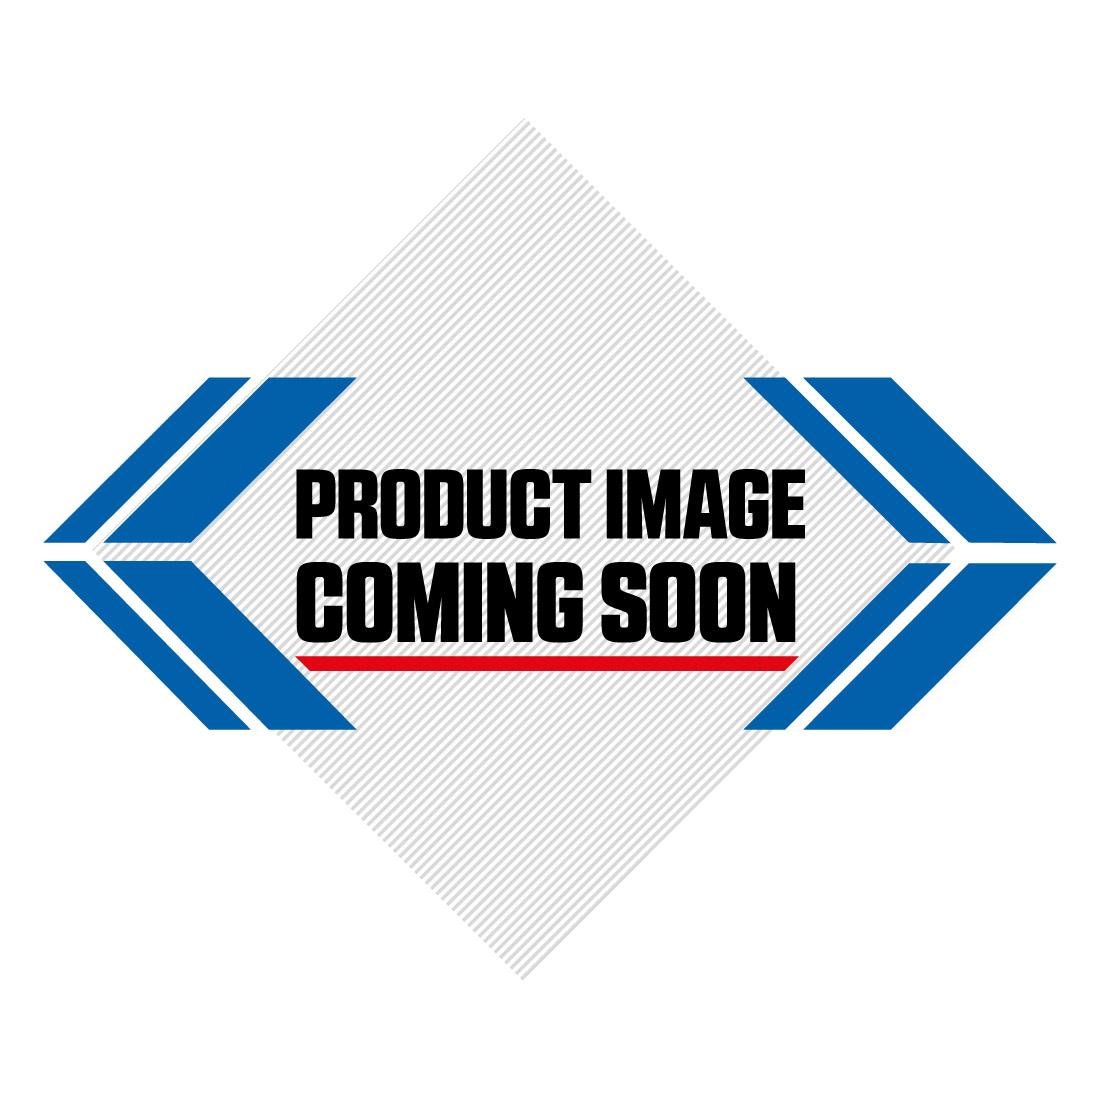 UFO Red White Blue Proton MX Kit Combo Image-3